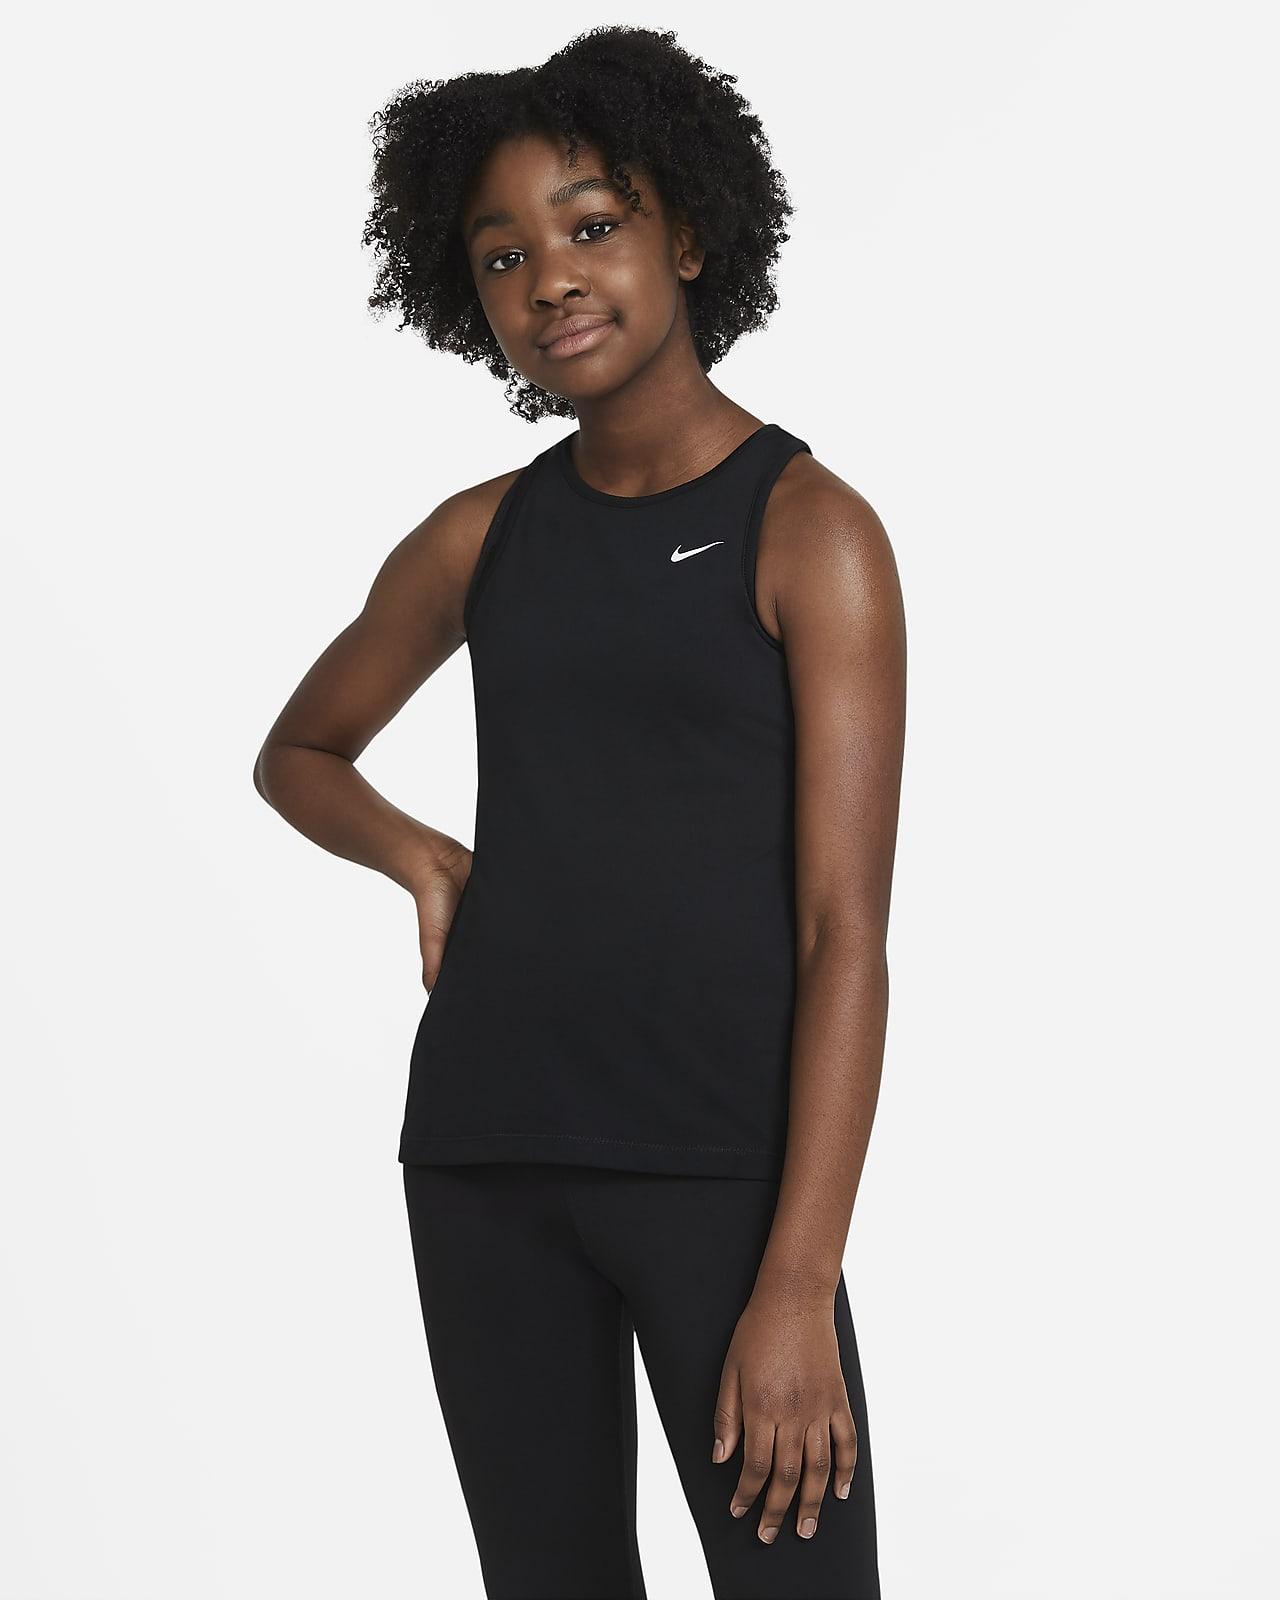 Майка для девочек школьного возраста Nike Pro